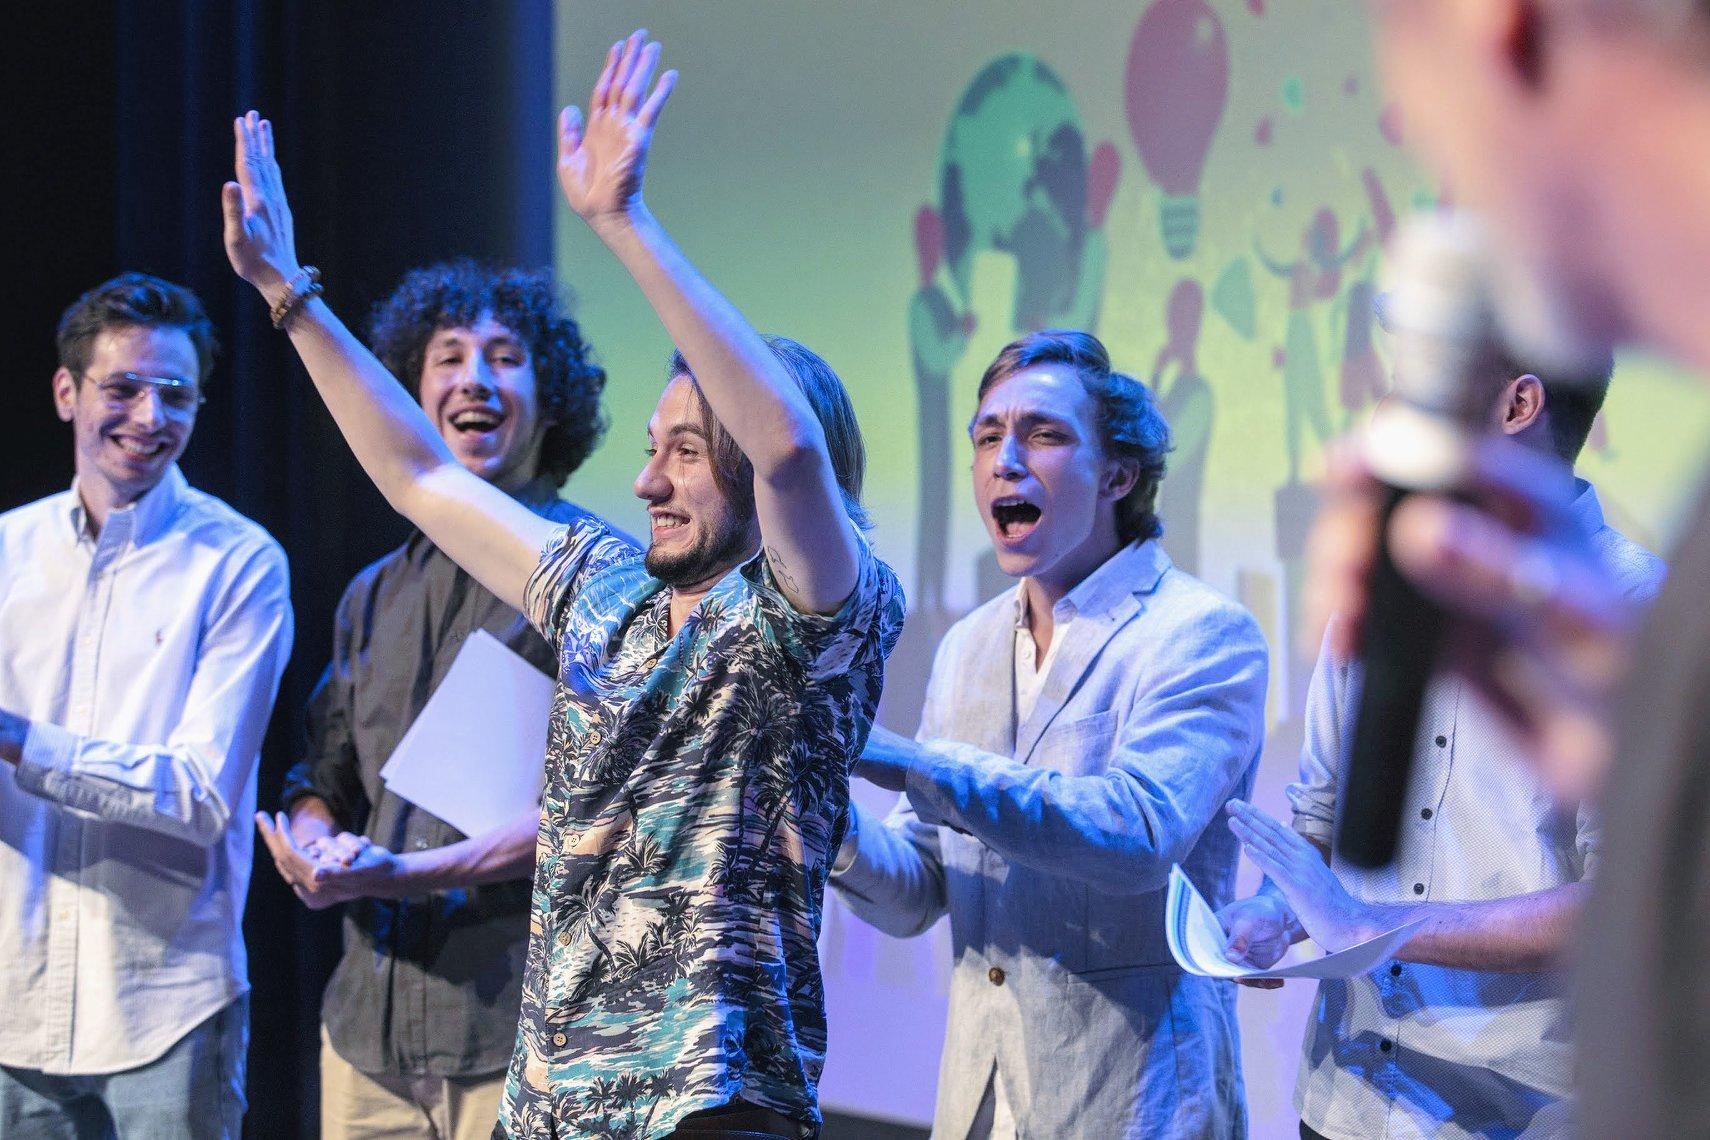 {GRADUATION PARTY} Les diplômés félicités au Théâtre de l'Archipel